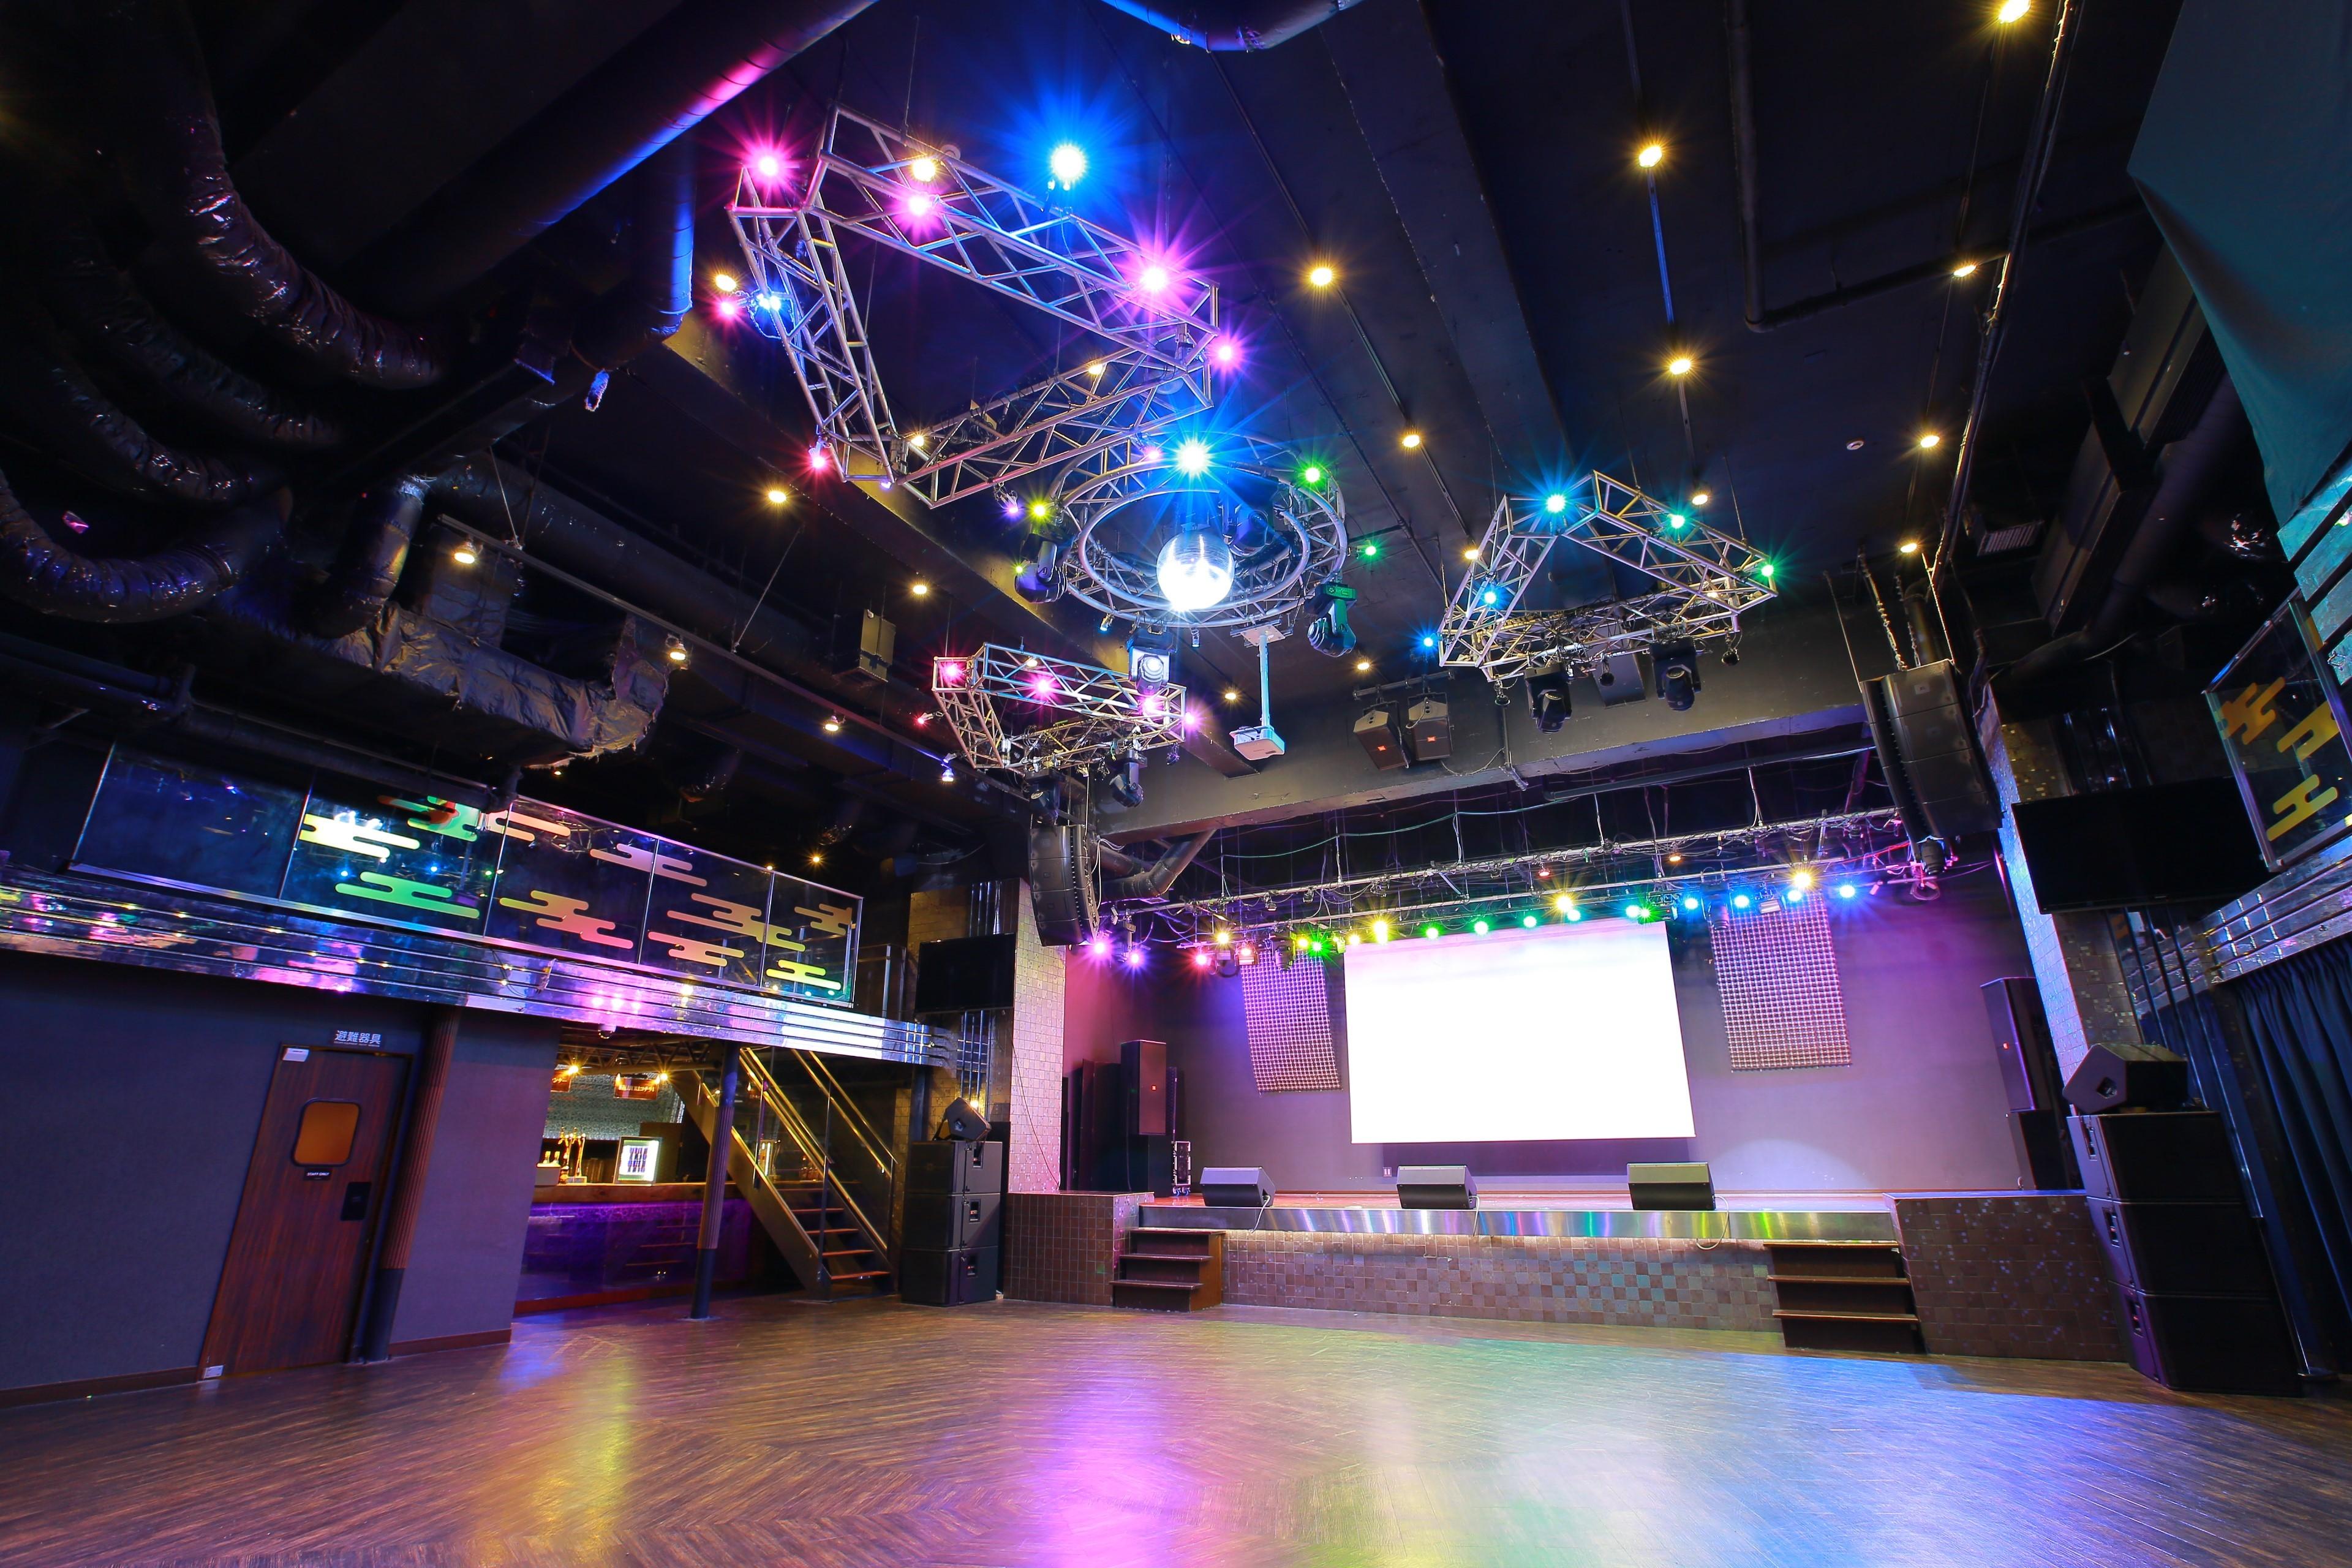 パームス秋葉原 無観客・配信LIVEに最適フロアの室内の写真